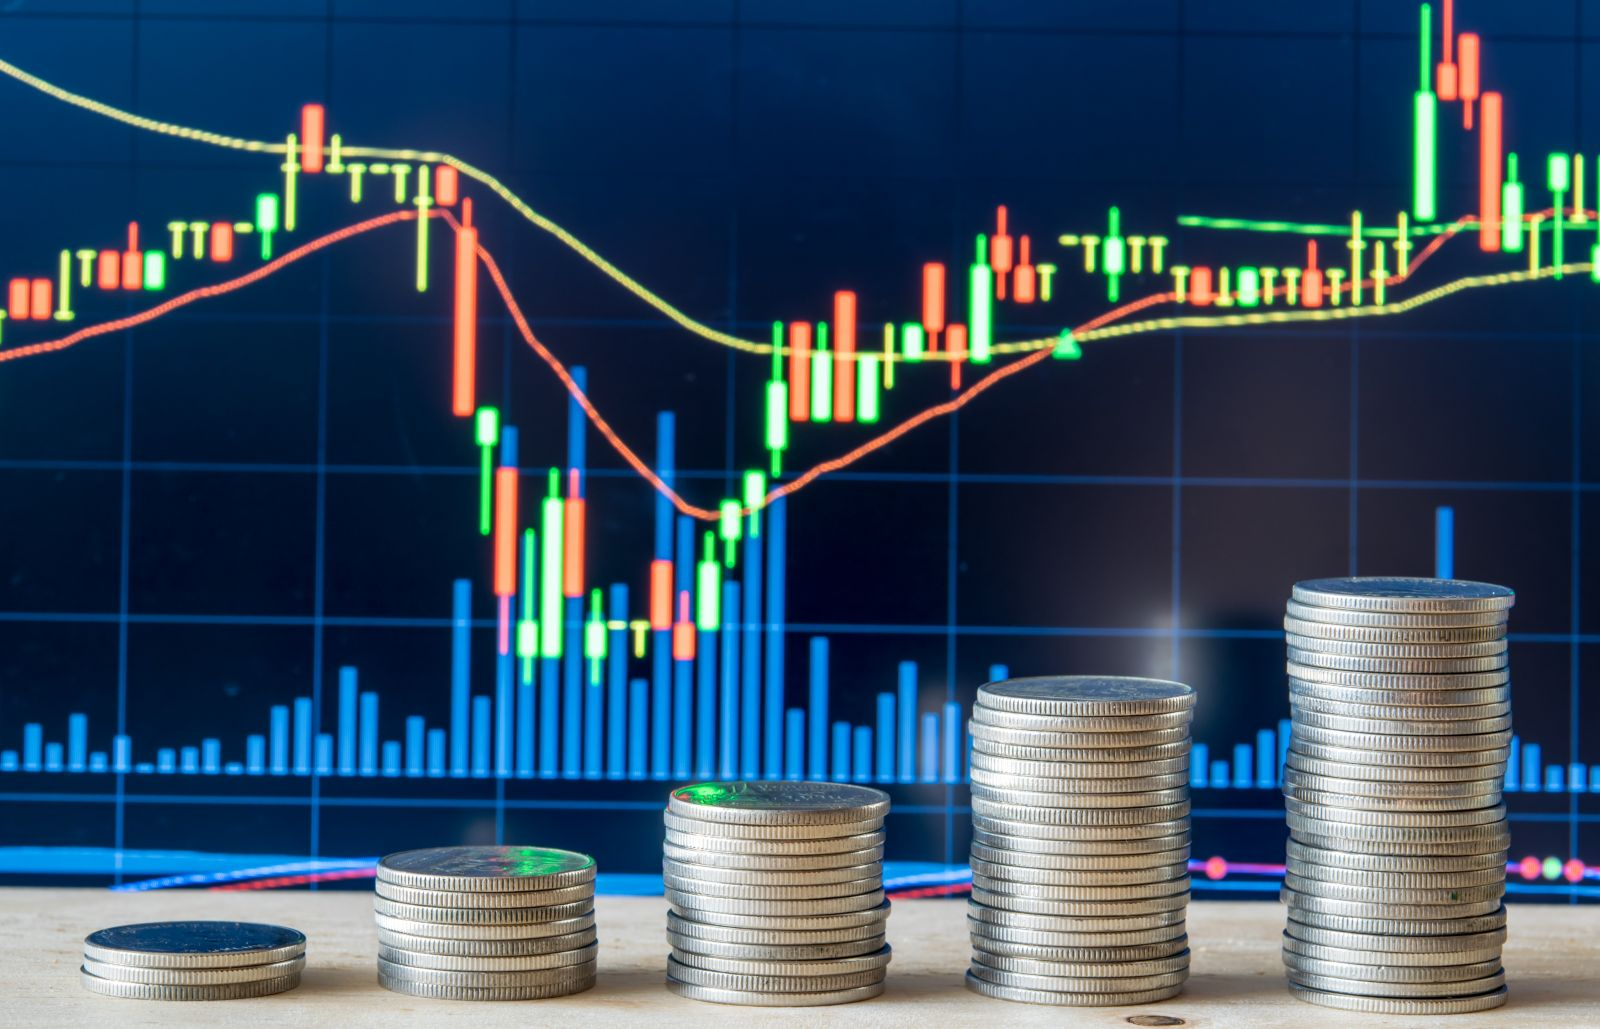 夜盤交易量屢創新高  加速期貨市場國際化